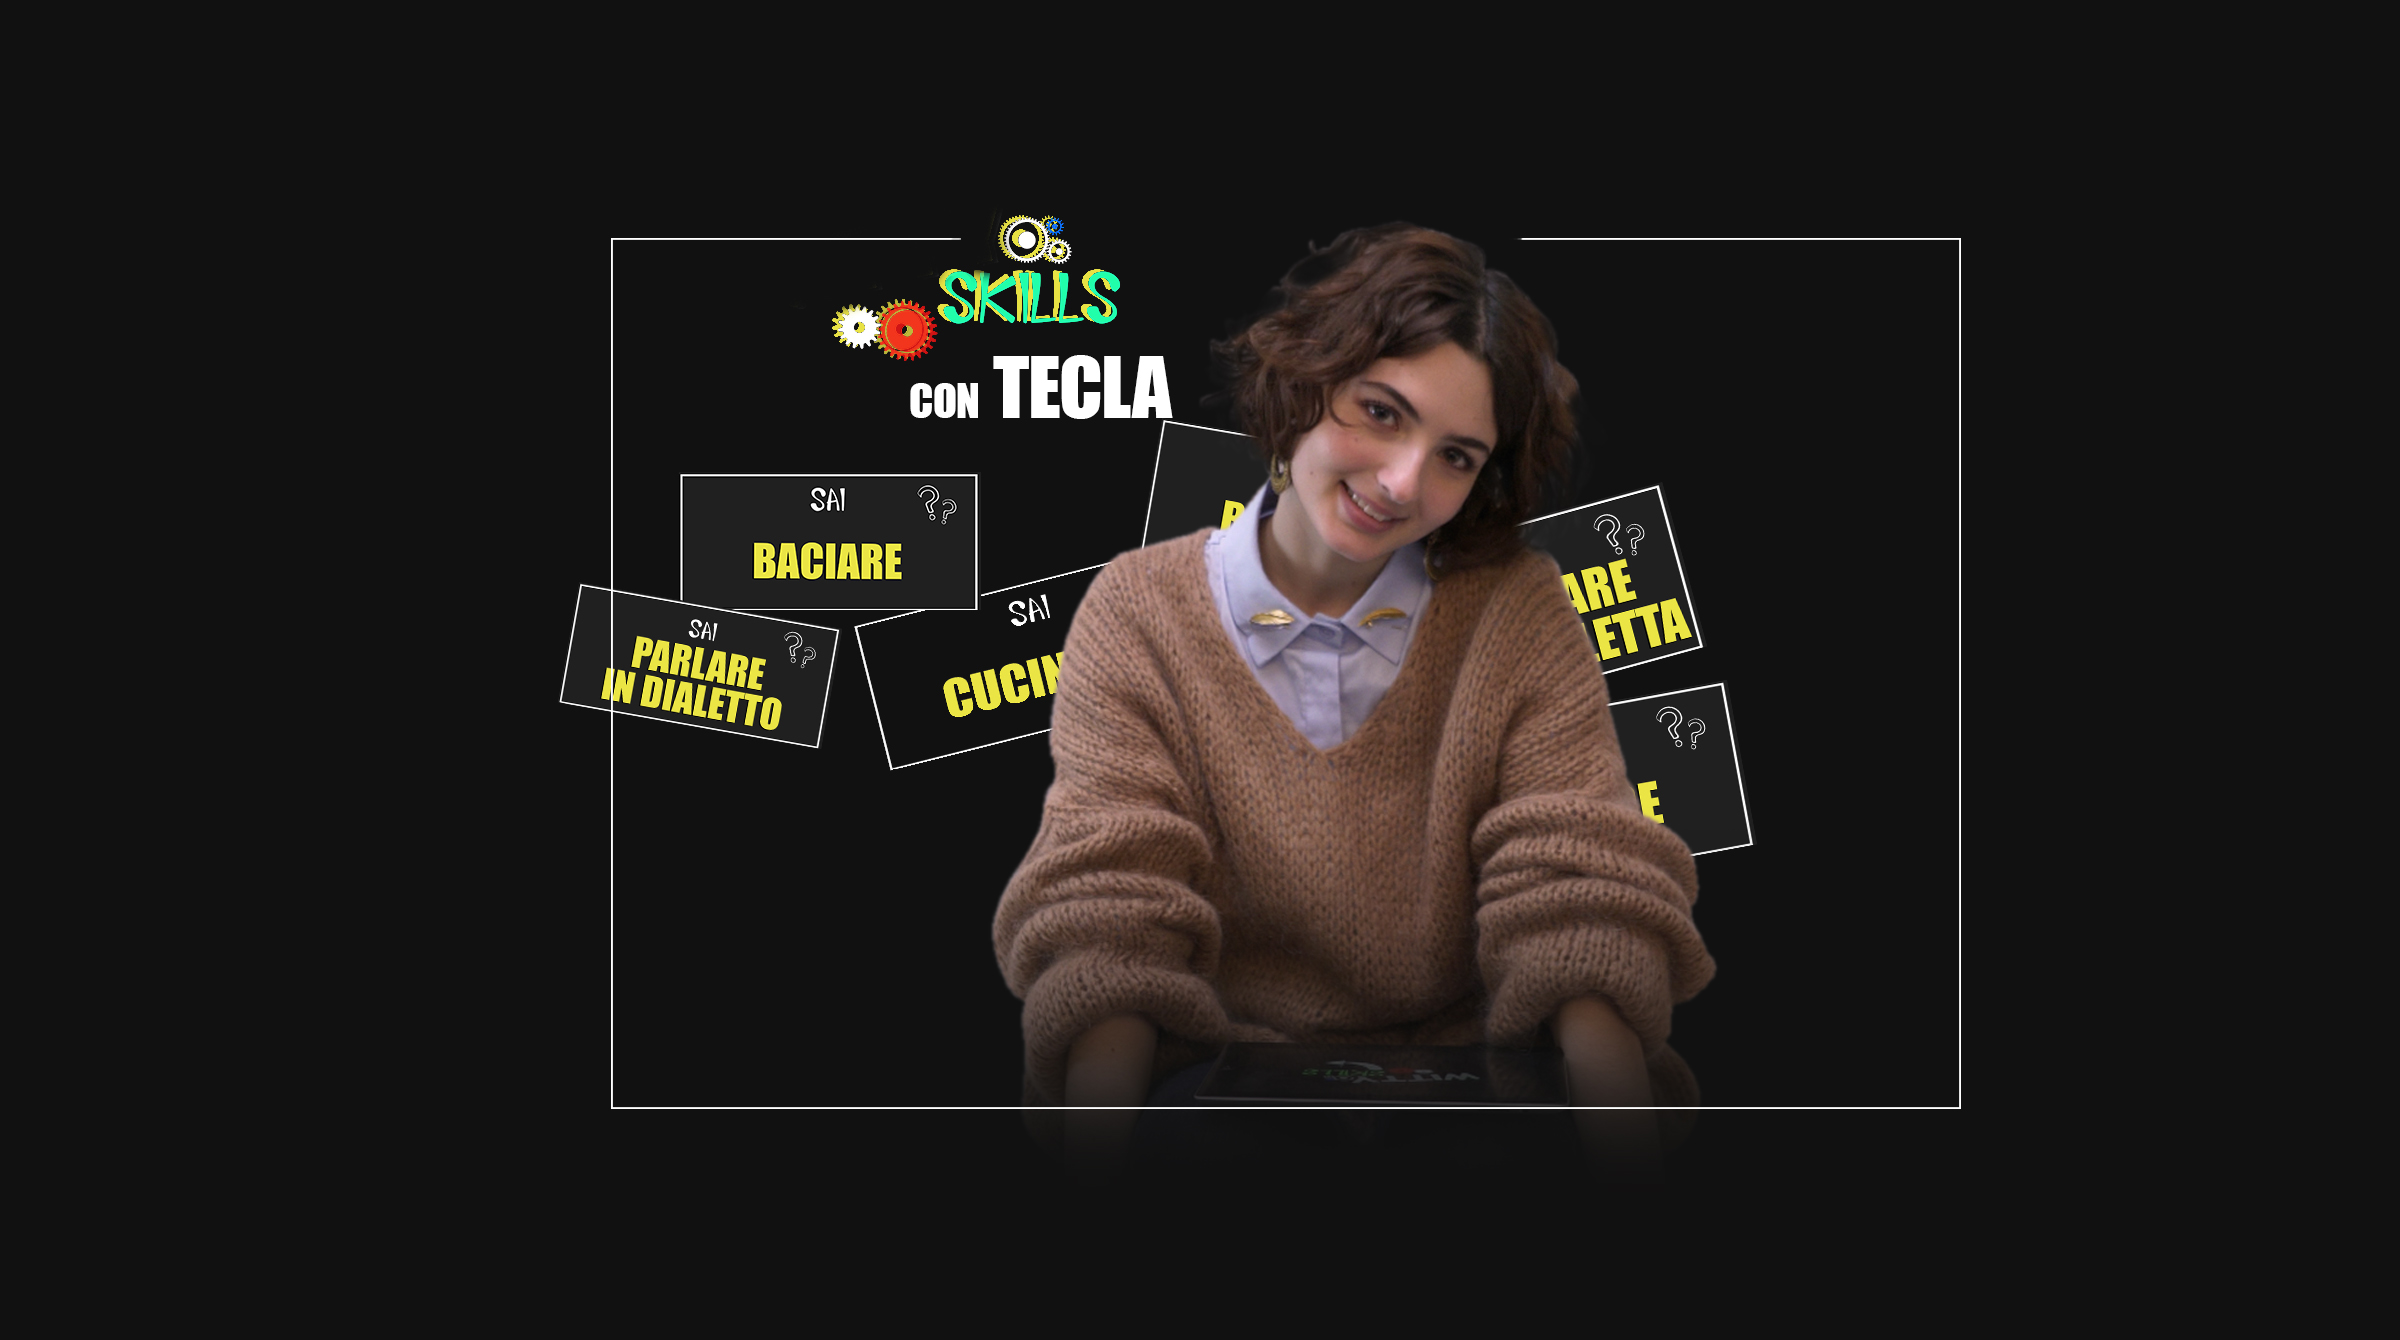 skills-tecla-wittytv